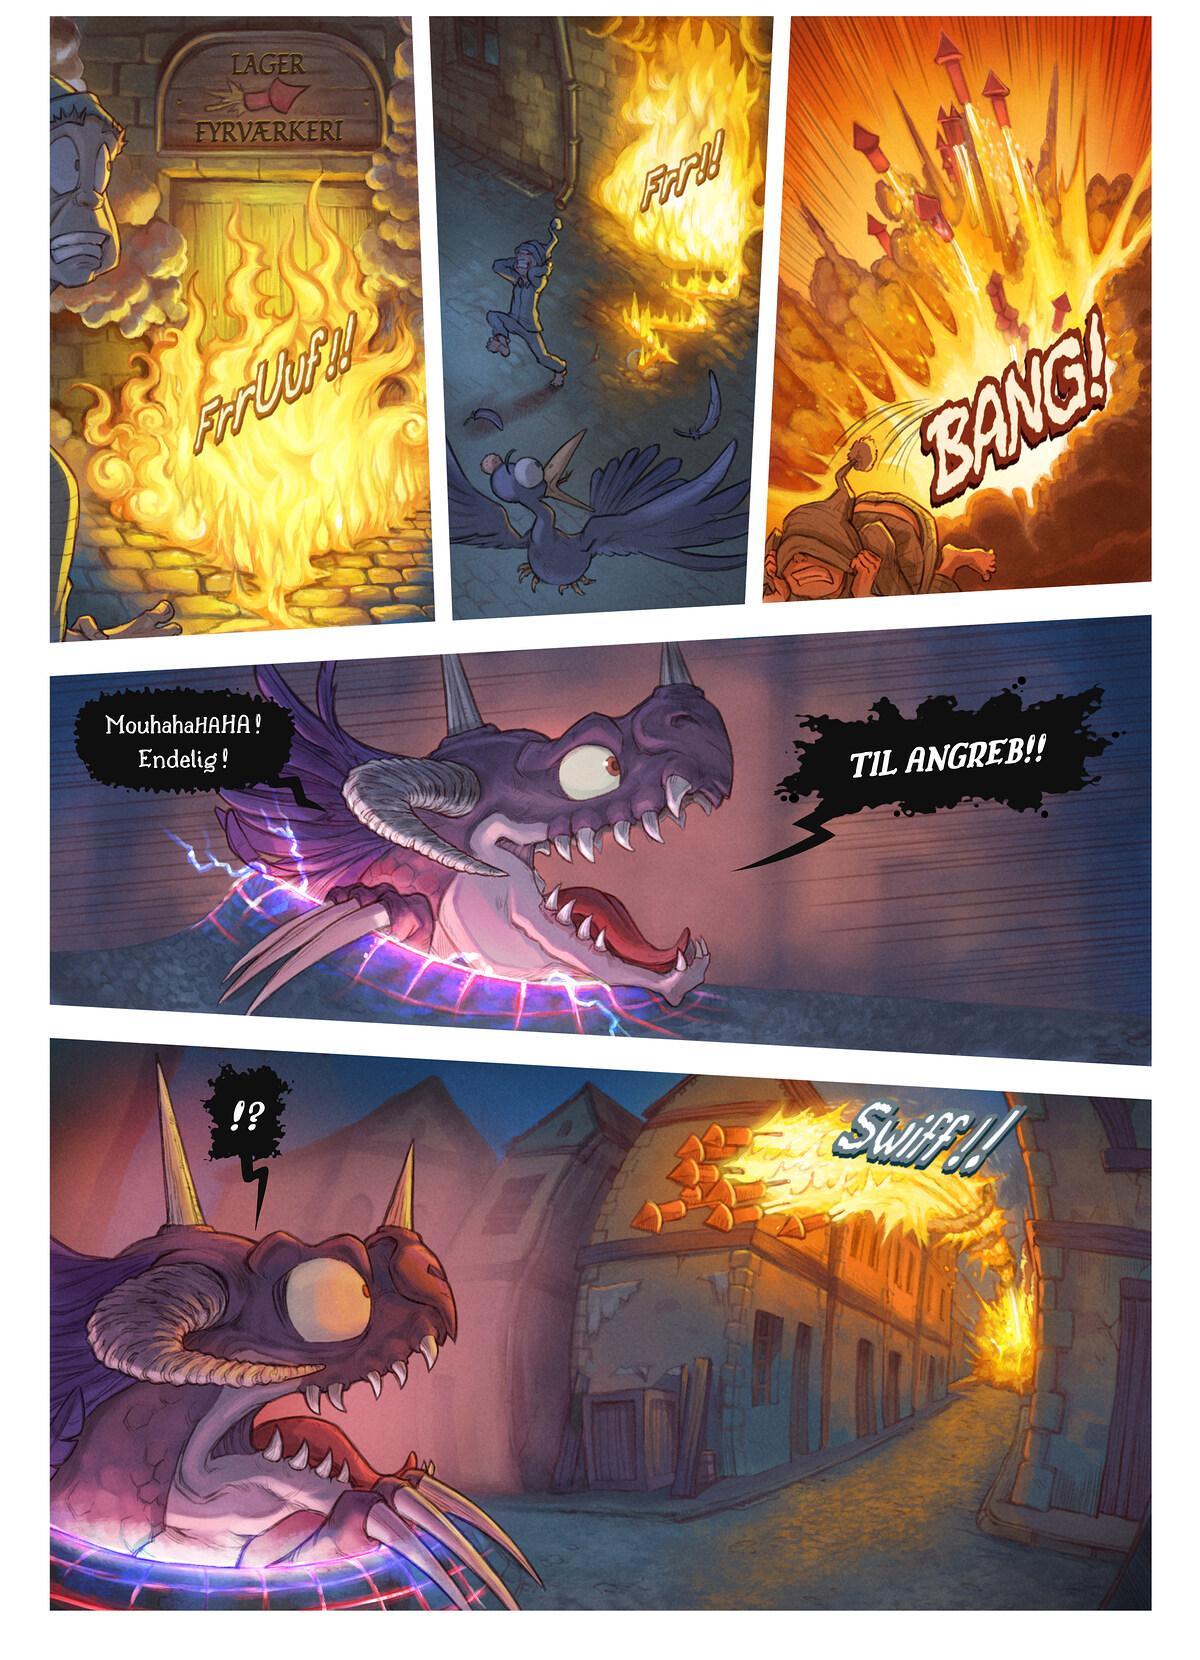 Episode 29: Verdens-ødelæggeren, Page 6